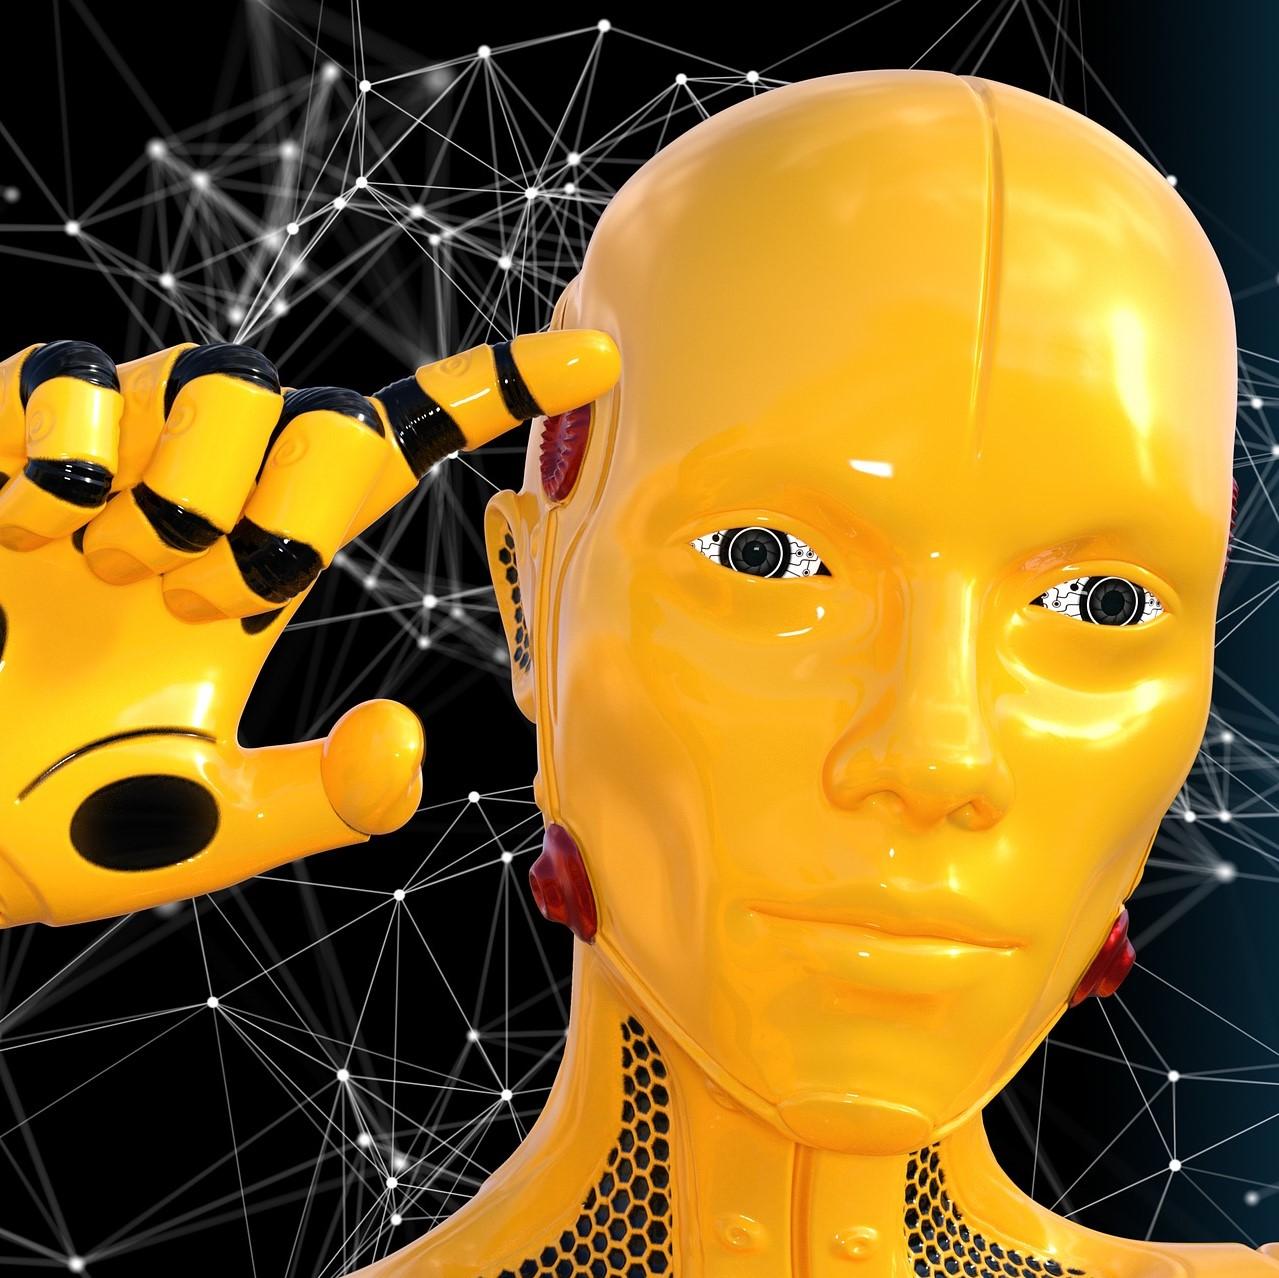 Roboter am Arbeitsplatz: Vor- und Nachteile